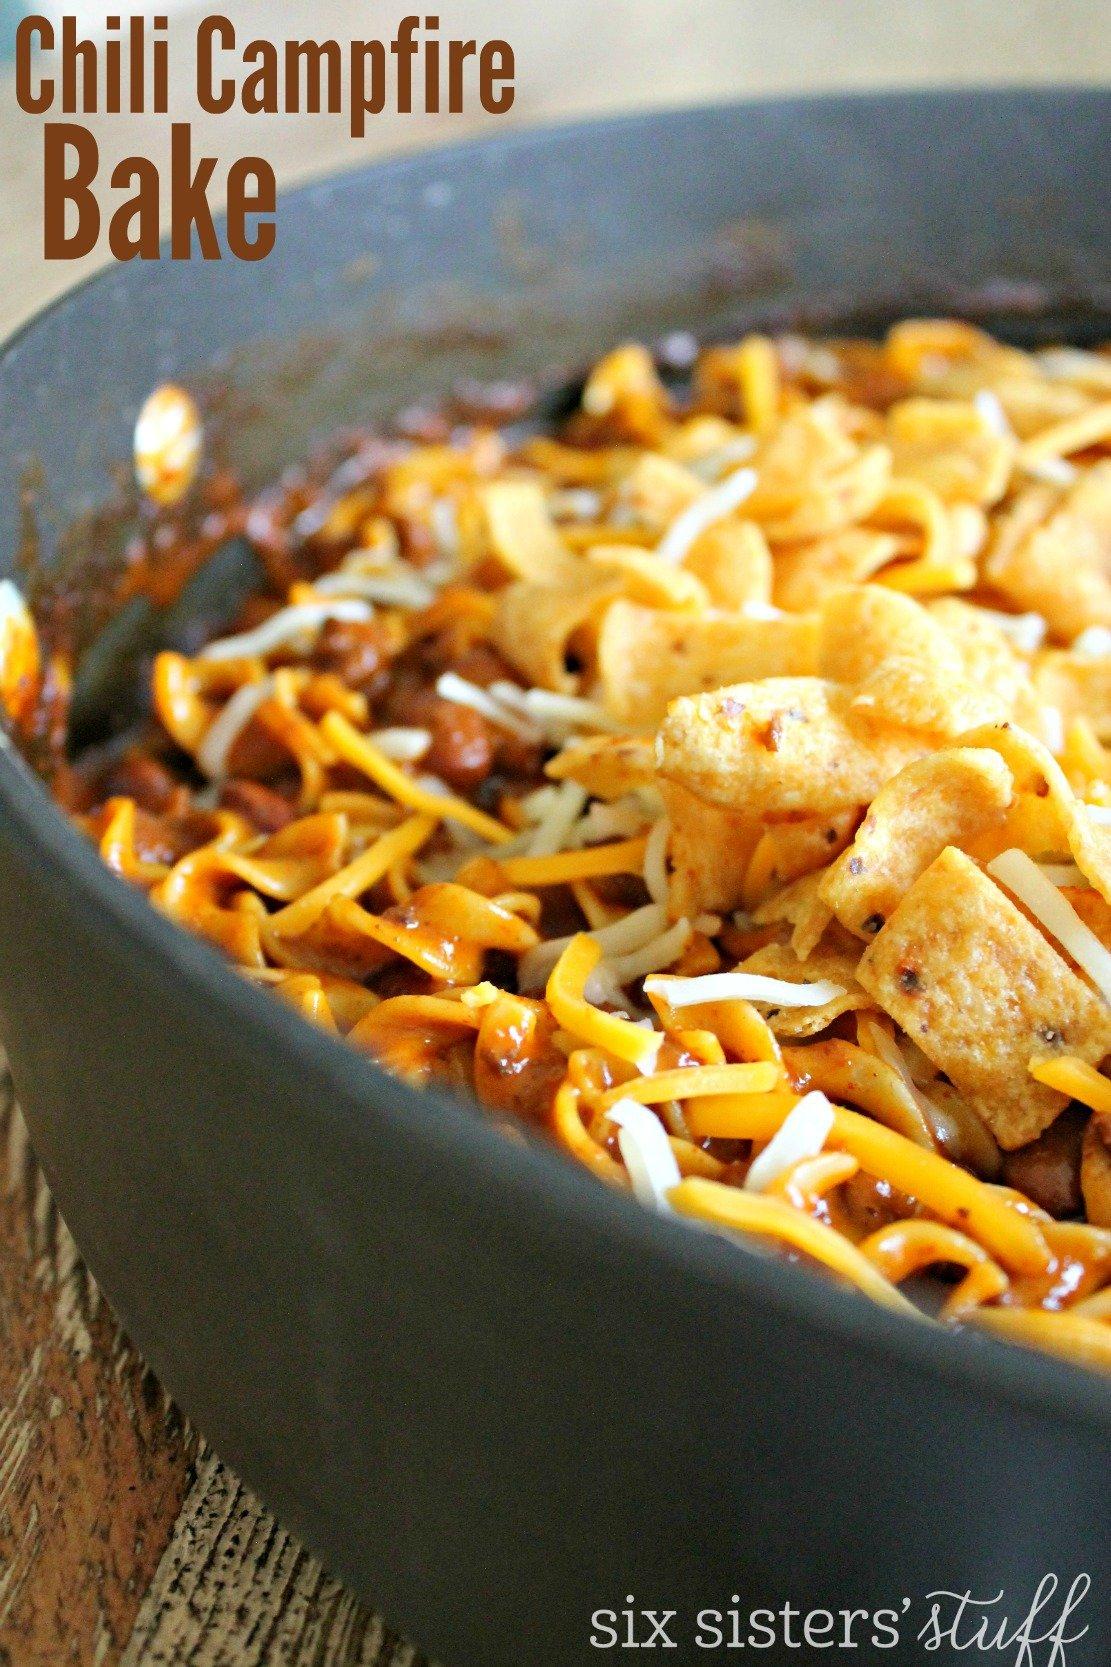 Chili Campfire Bake Recipe